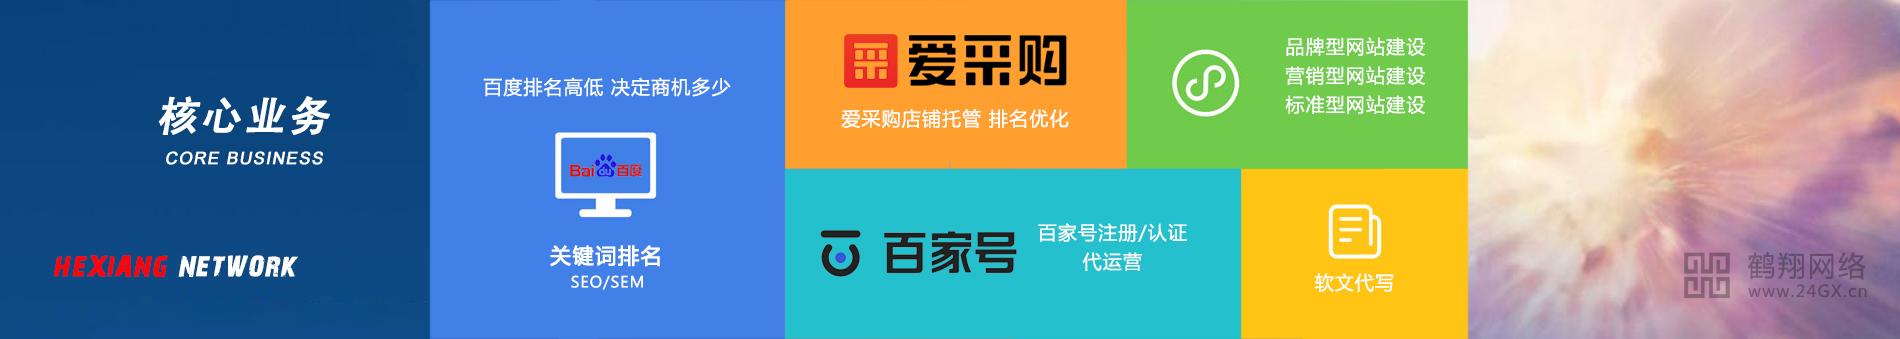 �}城�W站(zhan)建�O公司服�枕�目